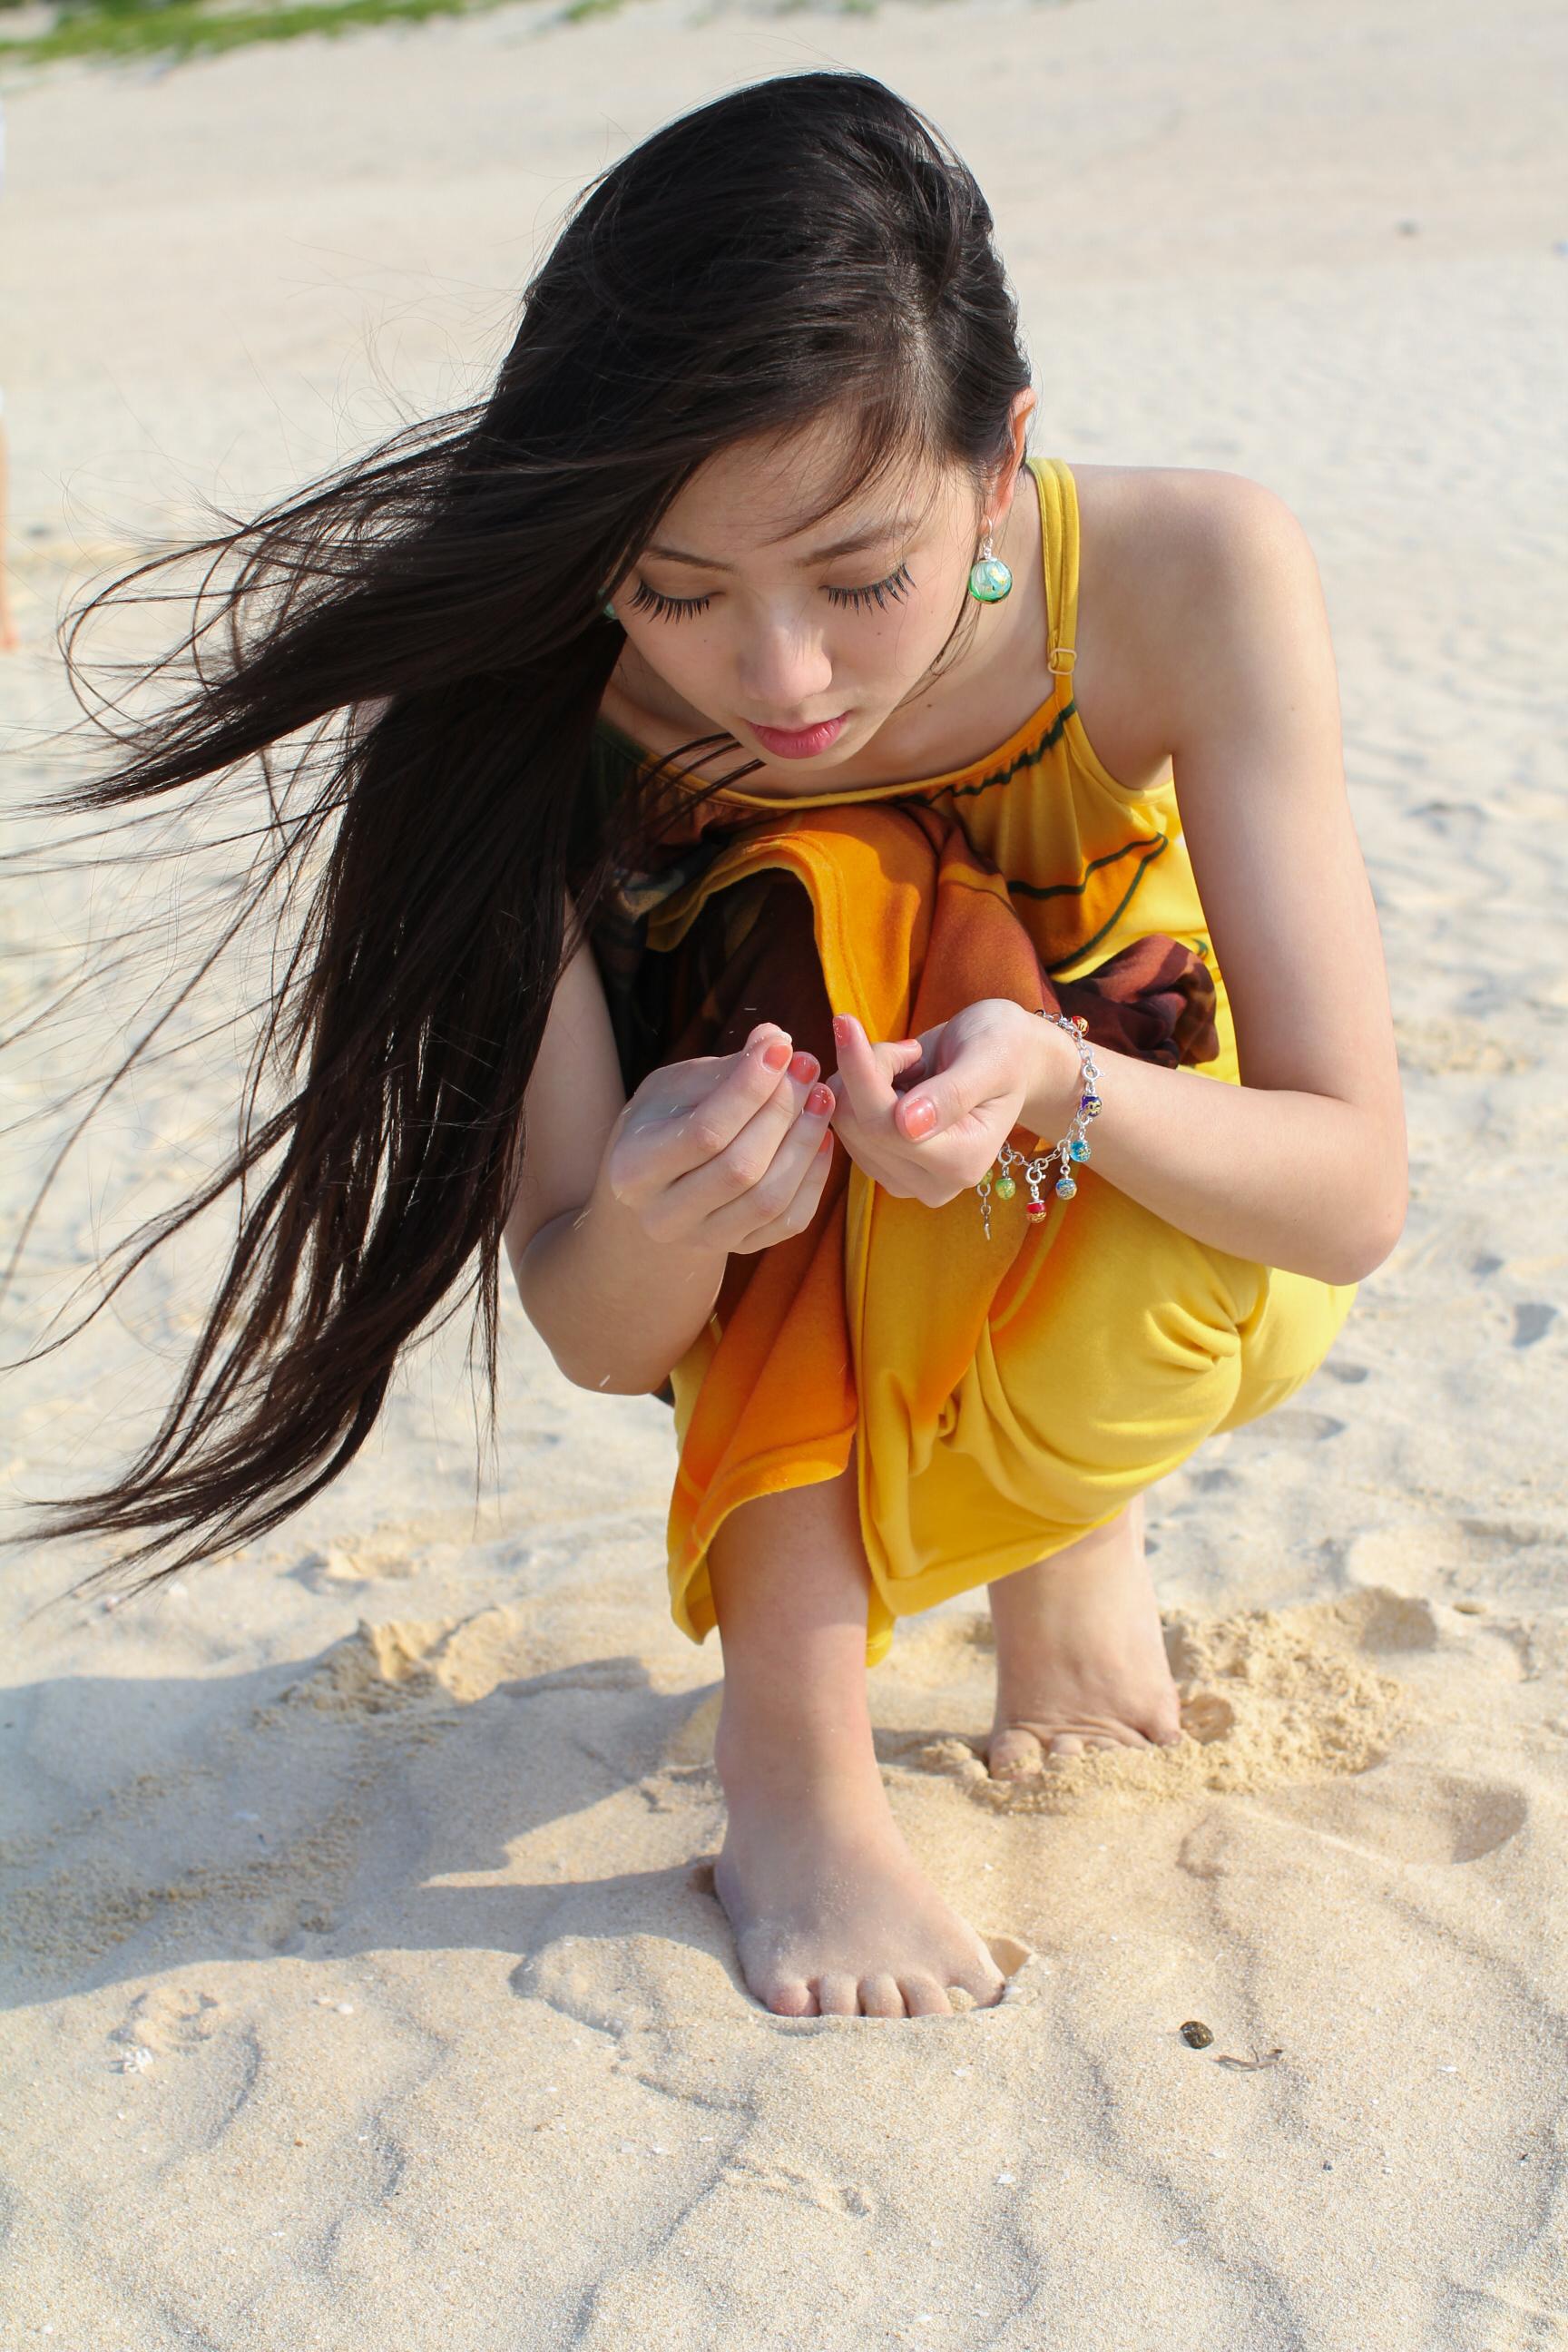 Xu WenQian